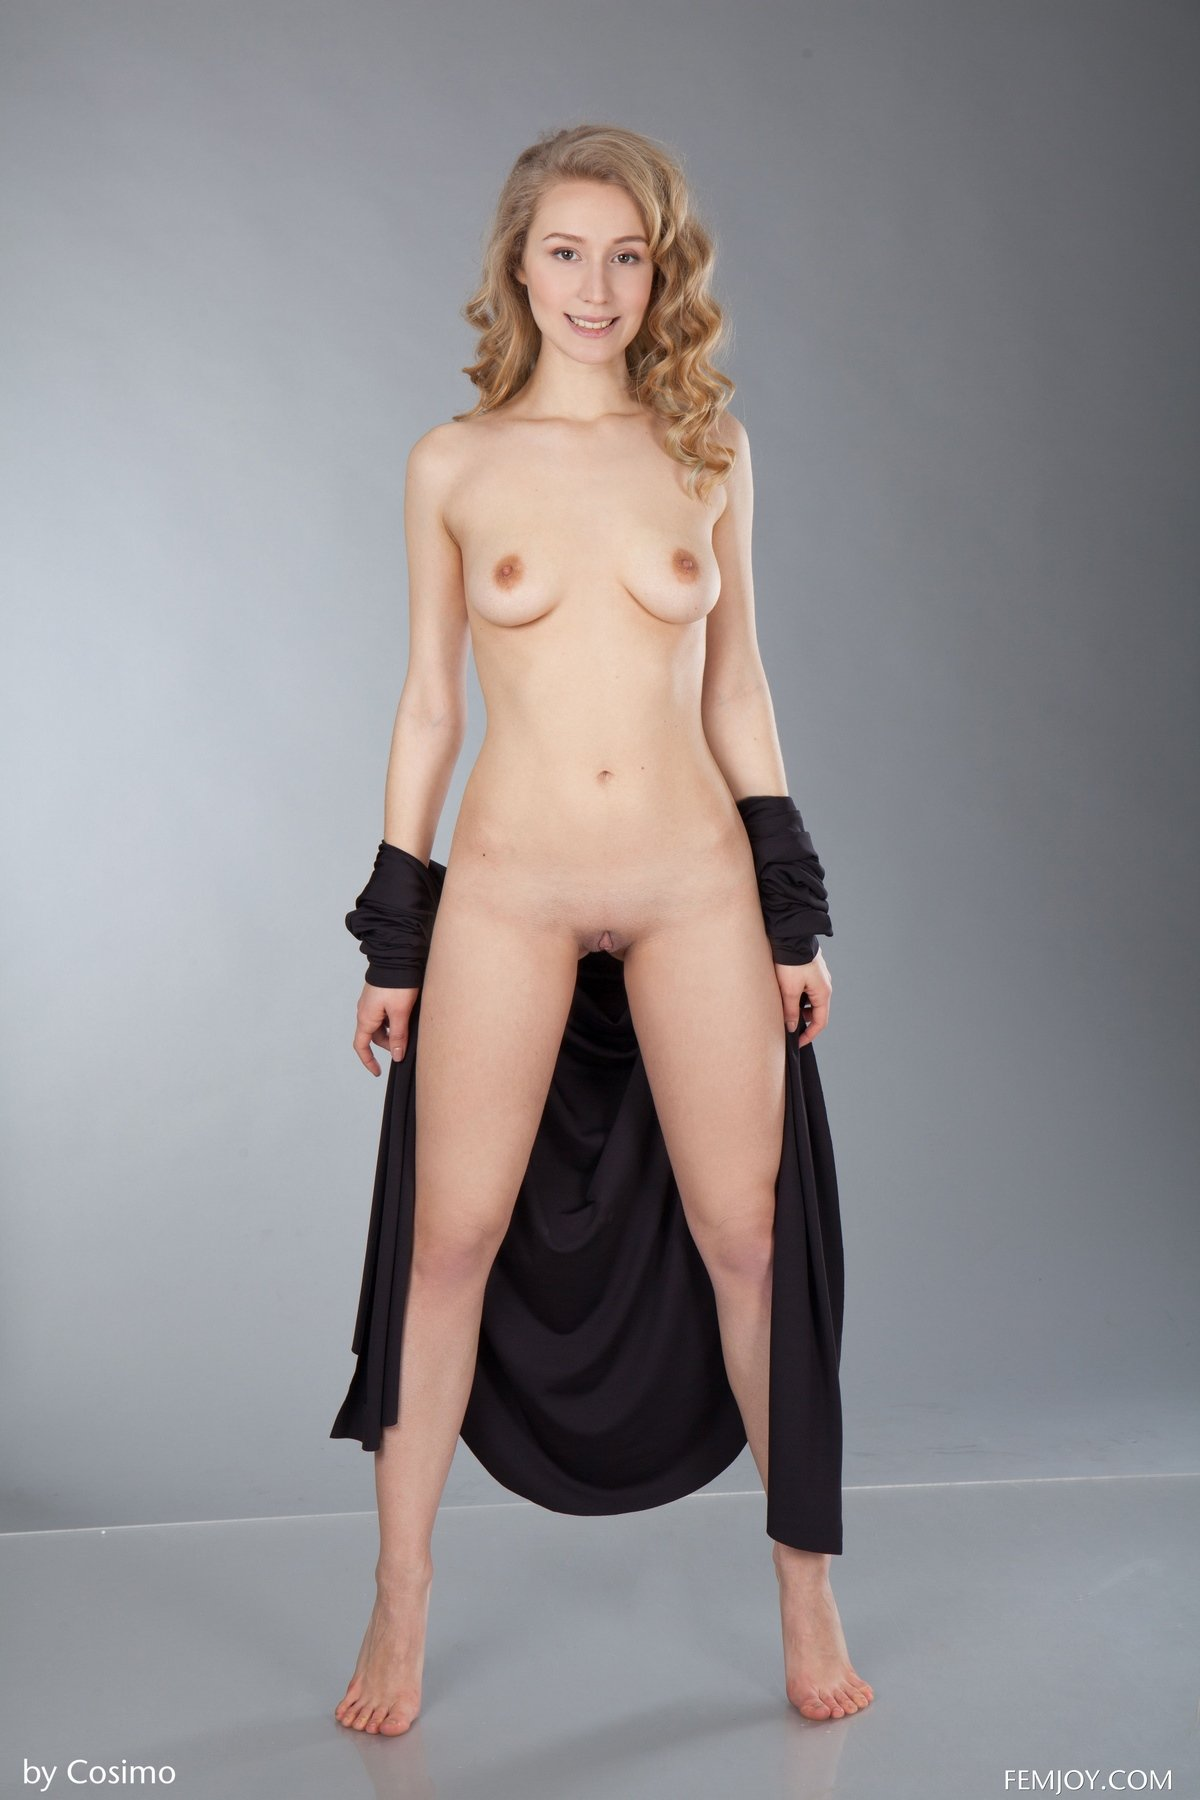 Фото возбужденной супермодели с золотистыми кудряшками секс фото